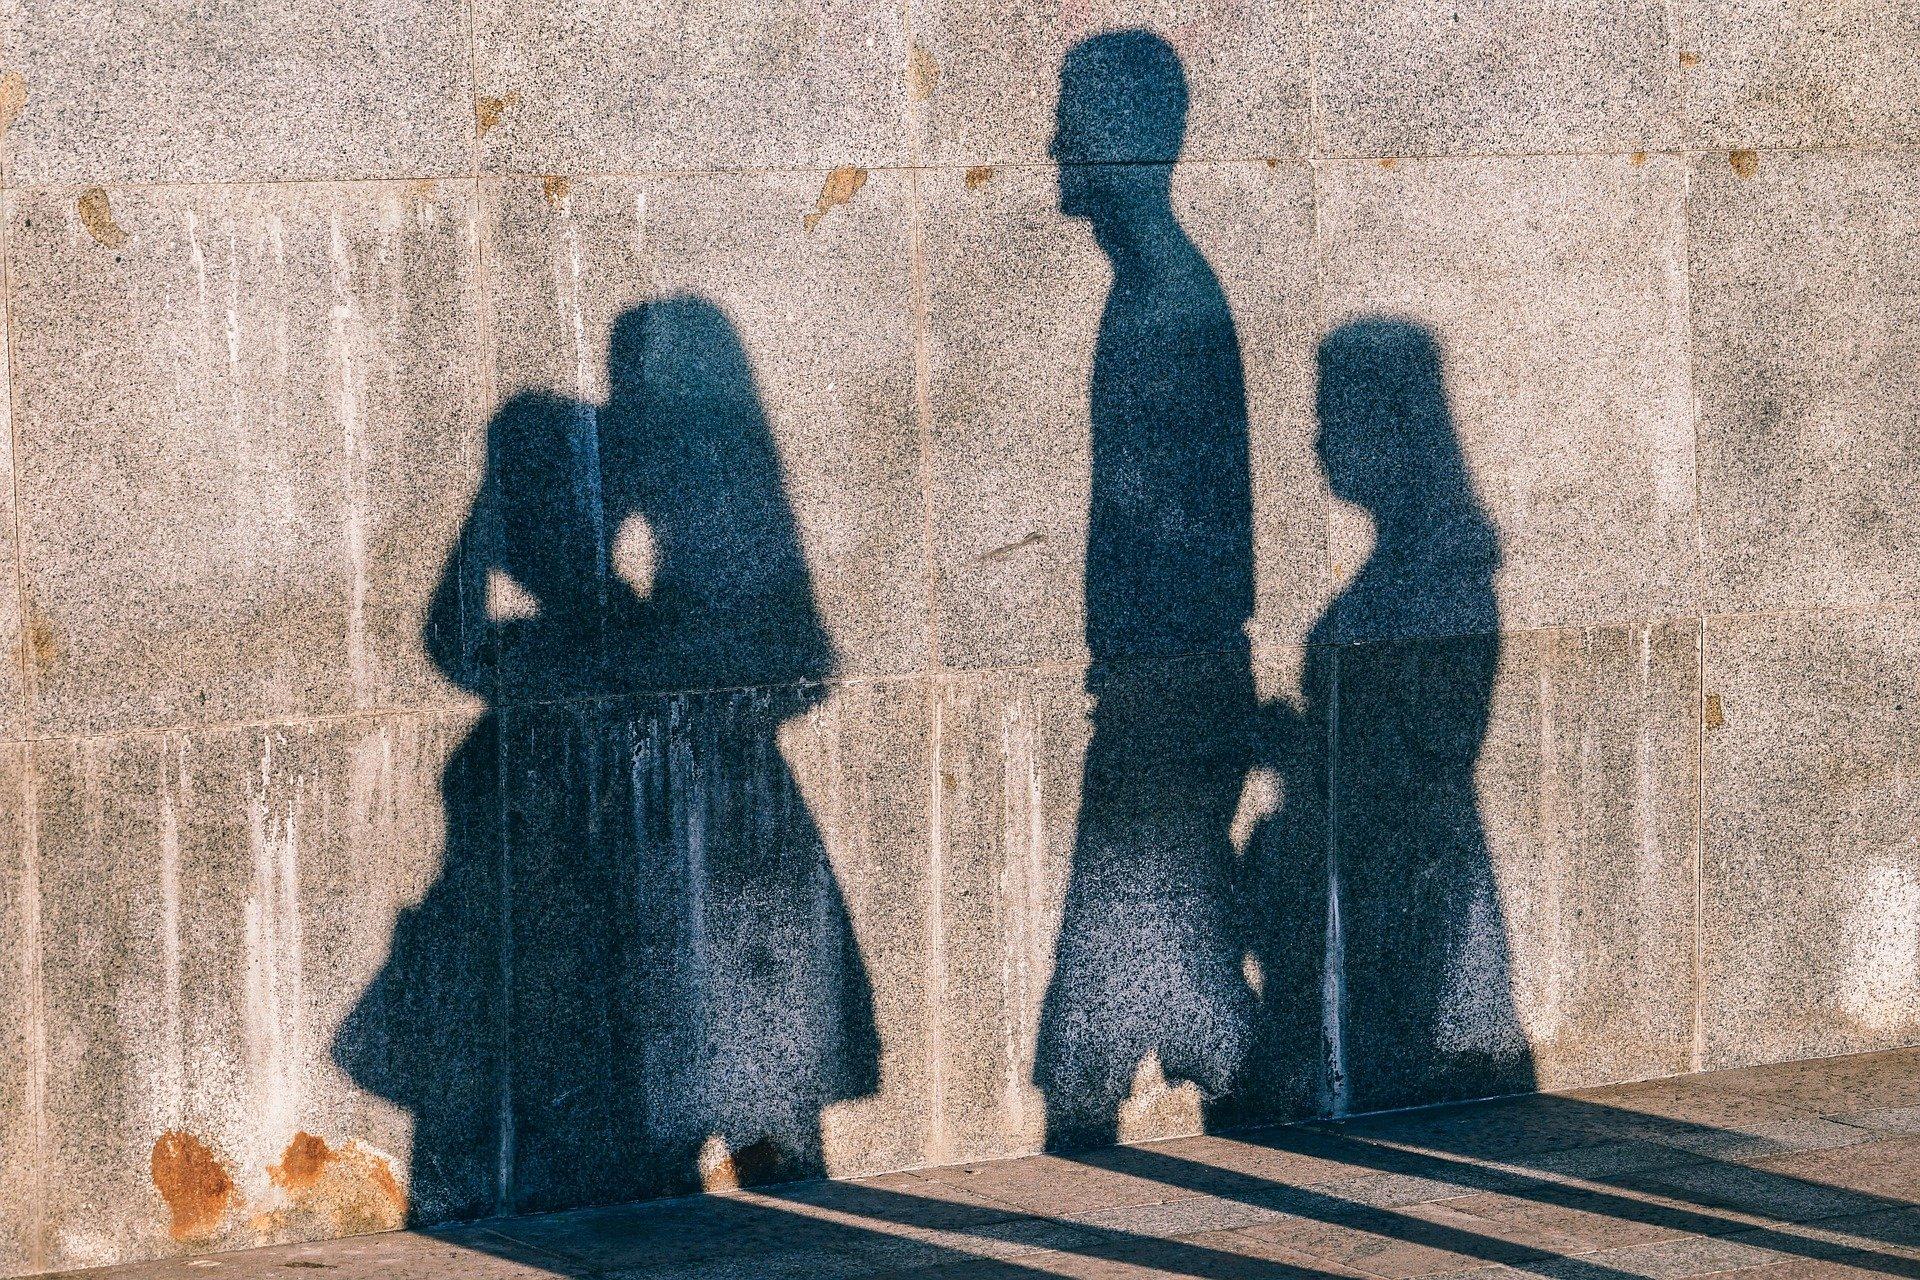 muro in blocchi di cemento sul quale si riflettono ombre di quattro persone